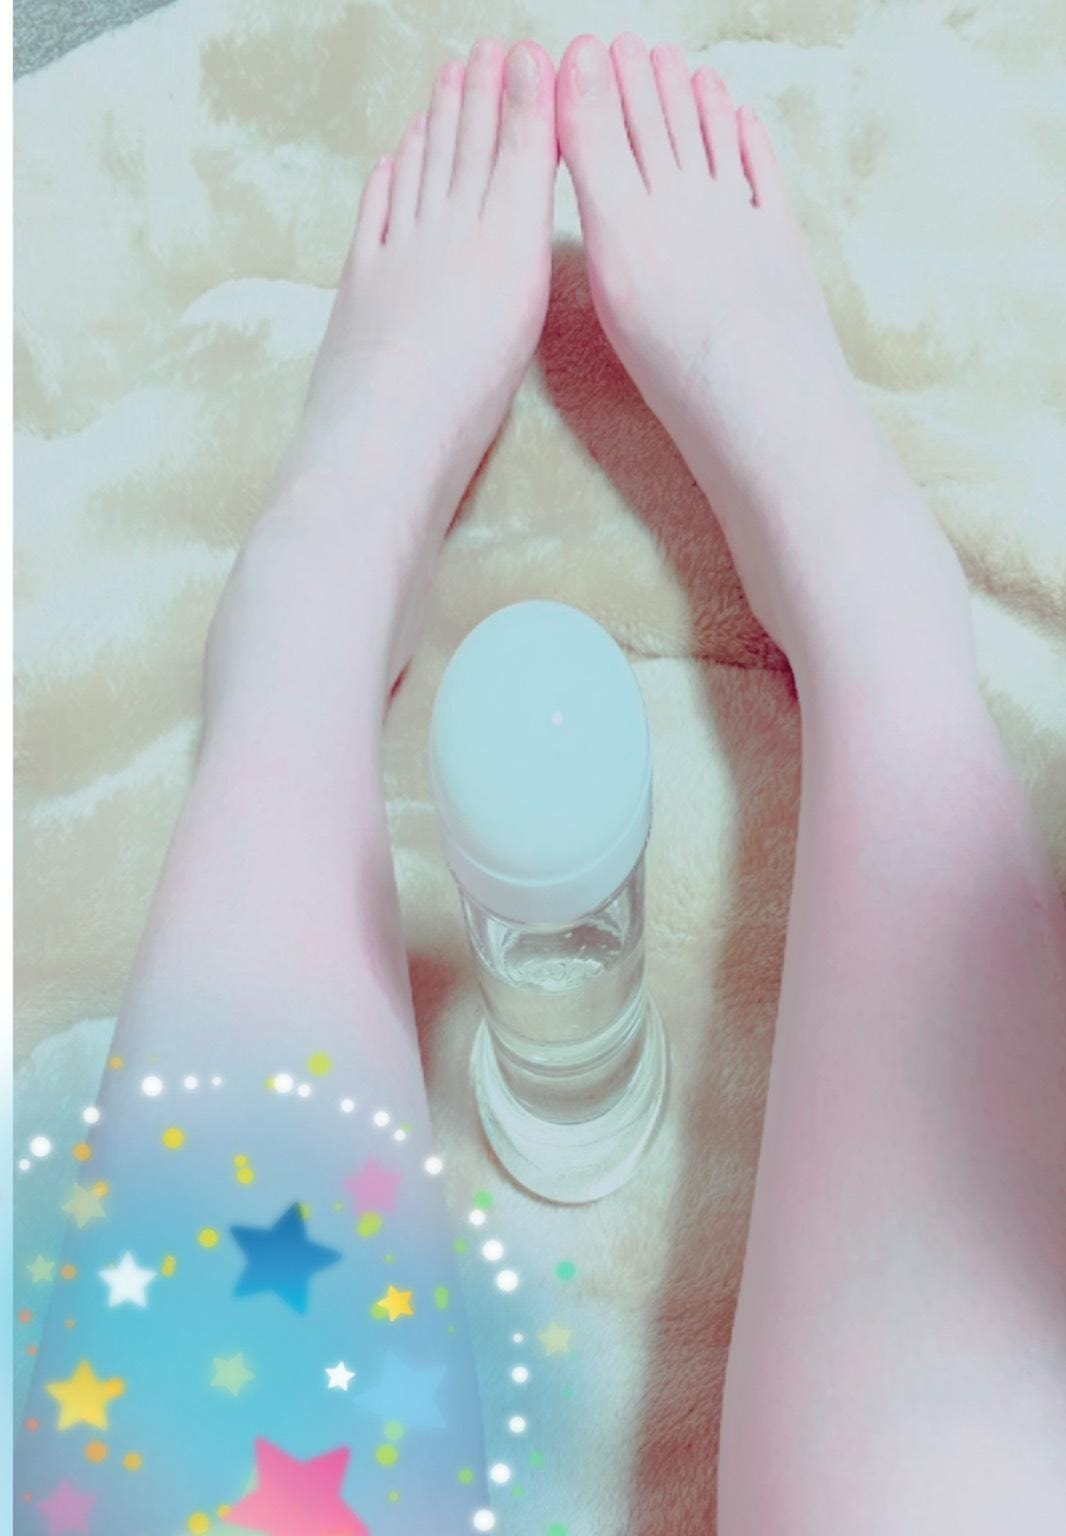 「おじさんにイタズラされたい」06/18日(火) 04:20 | みかの写メ・風俗動画